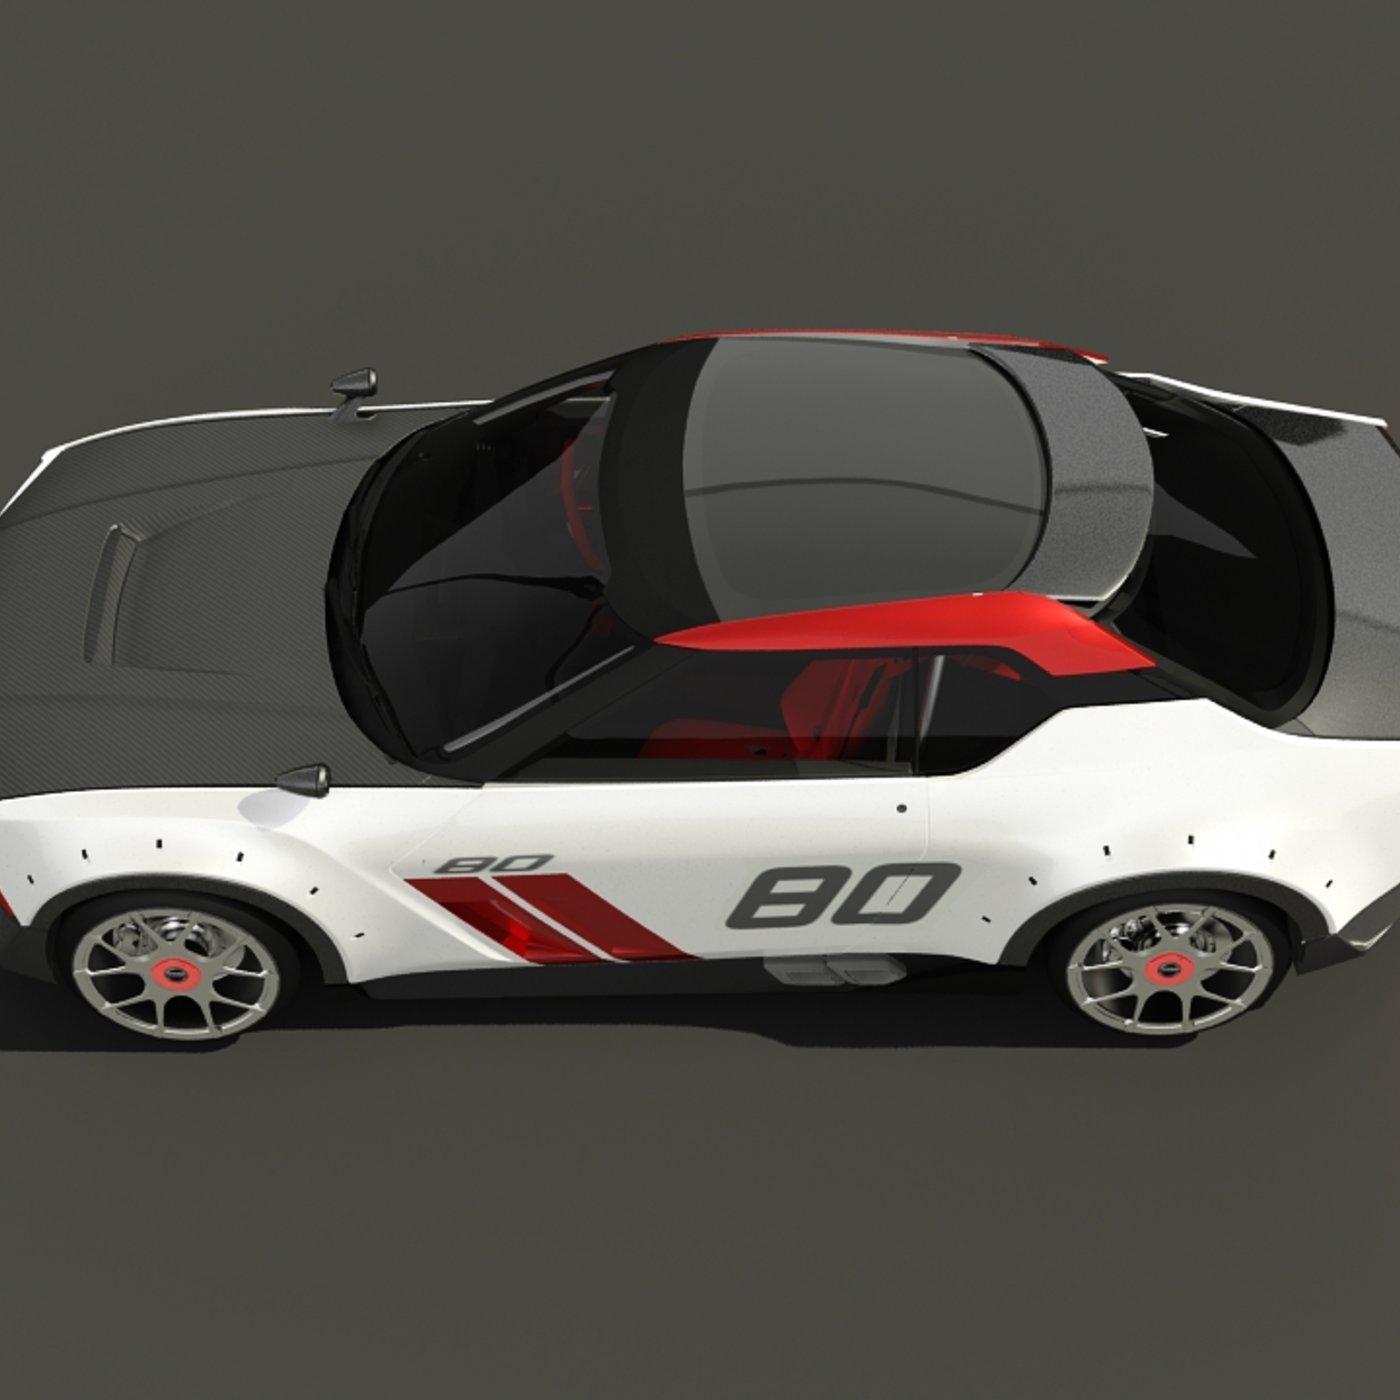 Nissan Nismo IDX 2019 Low poly